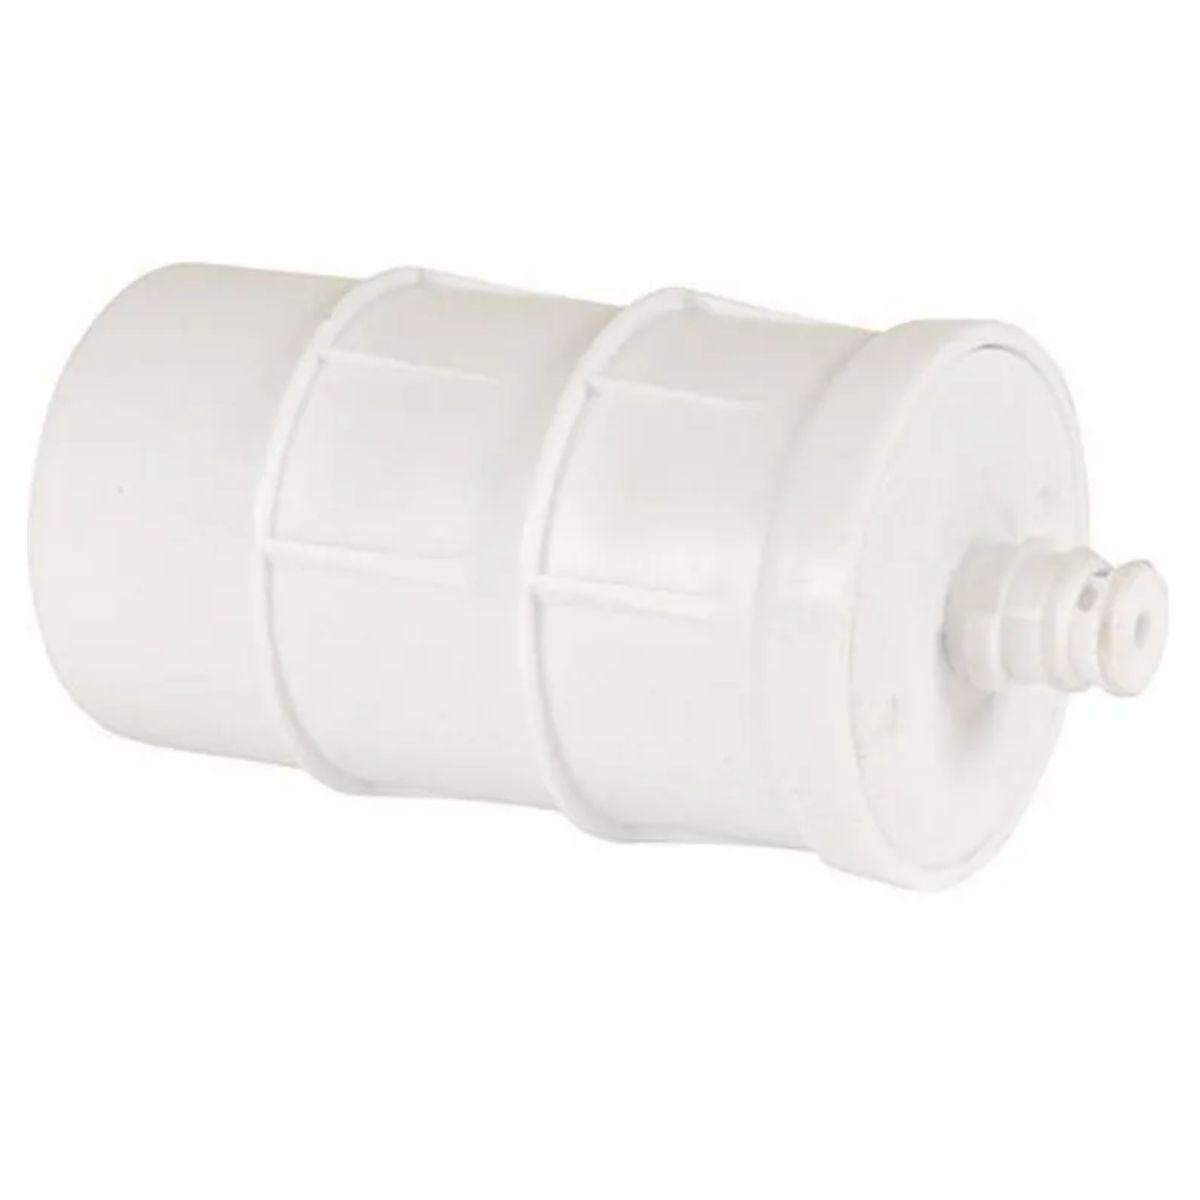 Refil Filtro Polar Basic para Purificador de Água Polar - WP4000